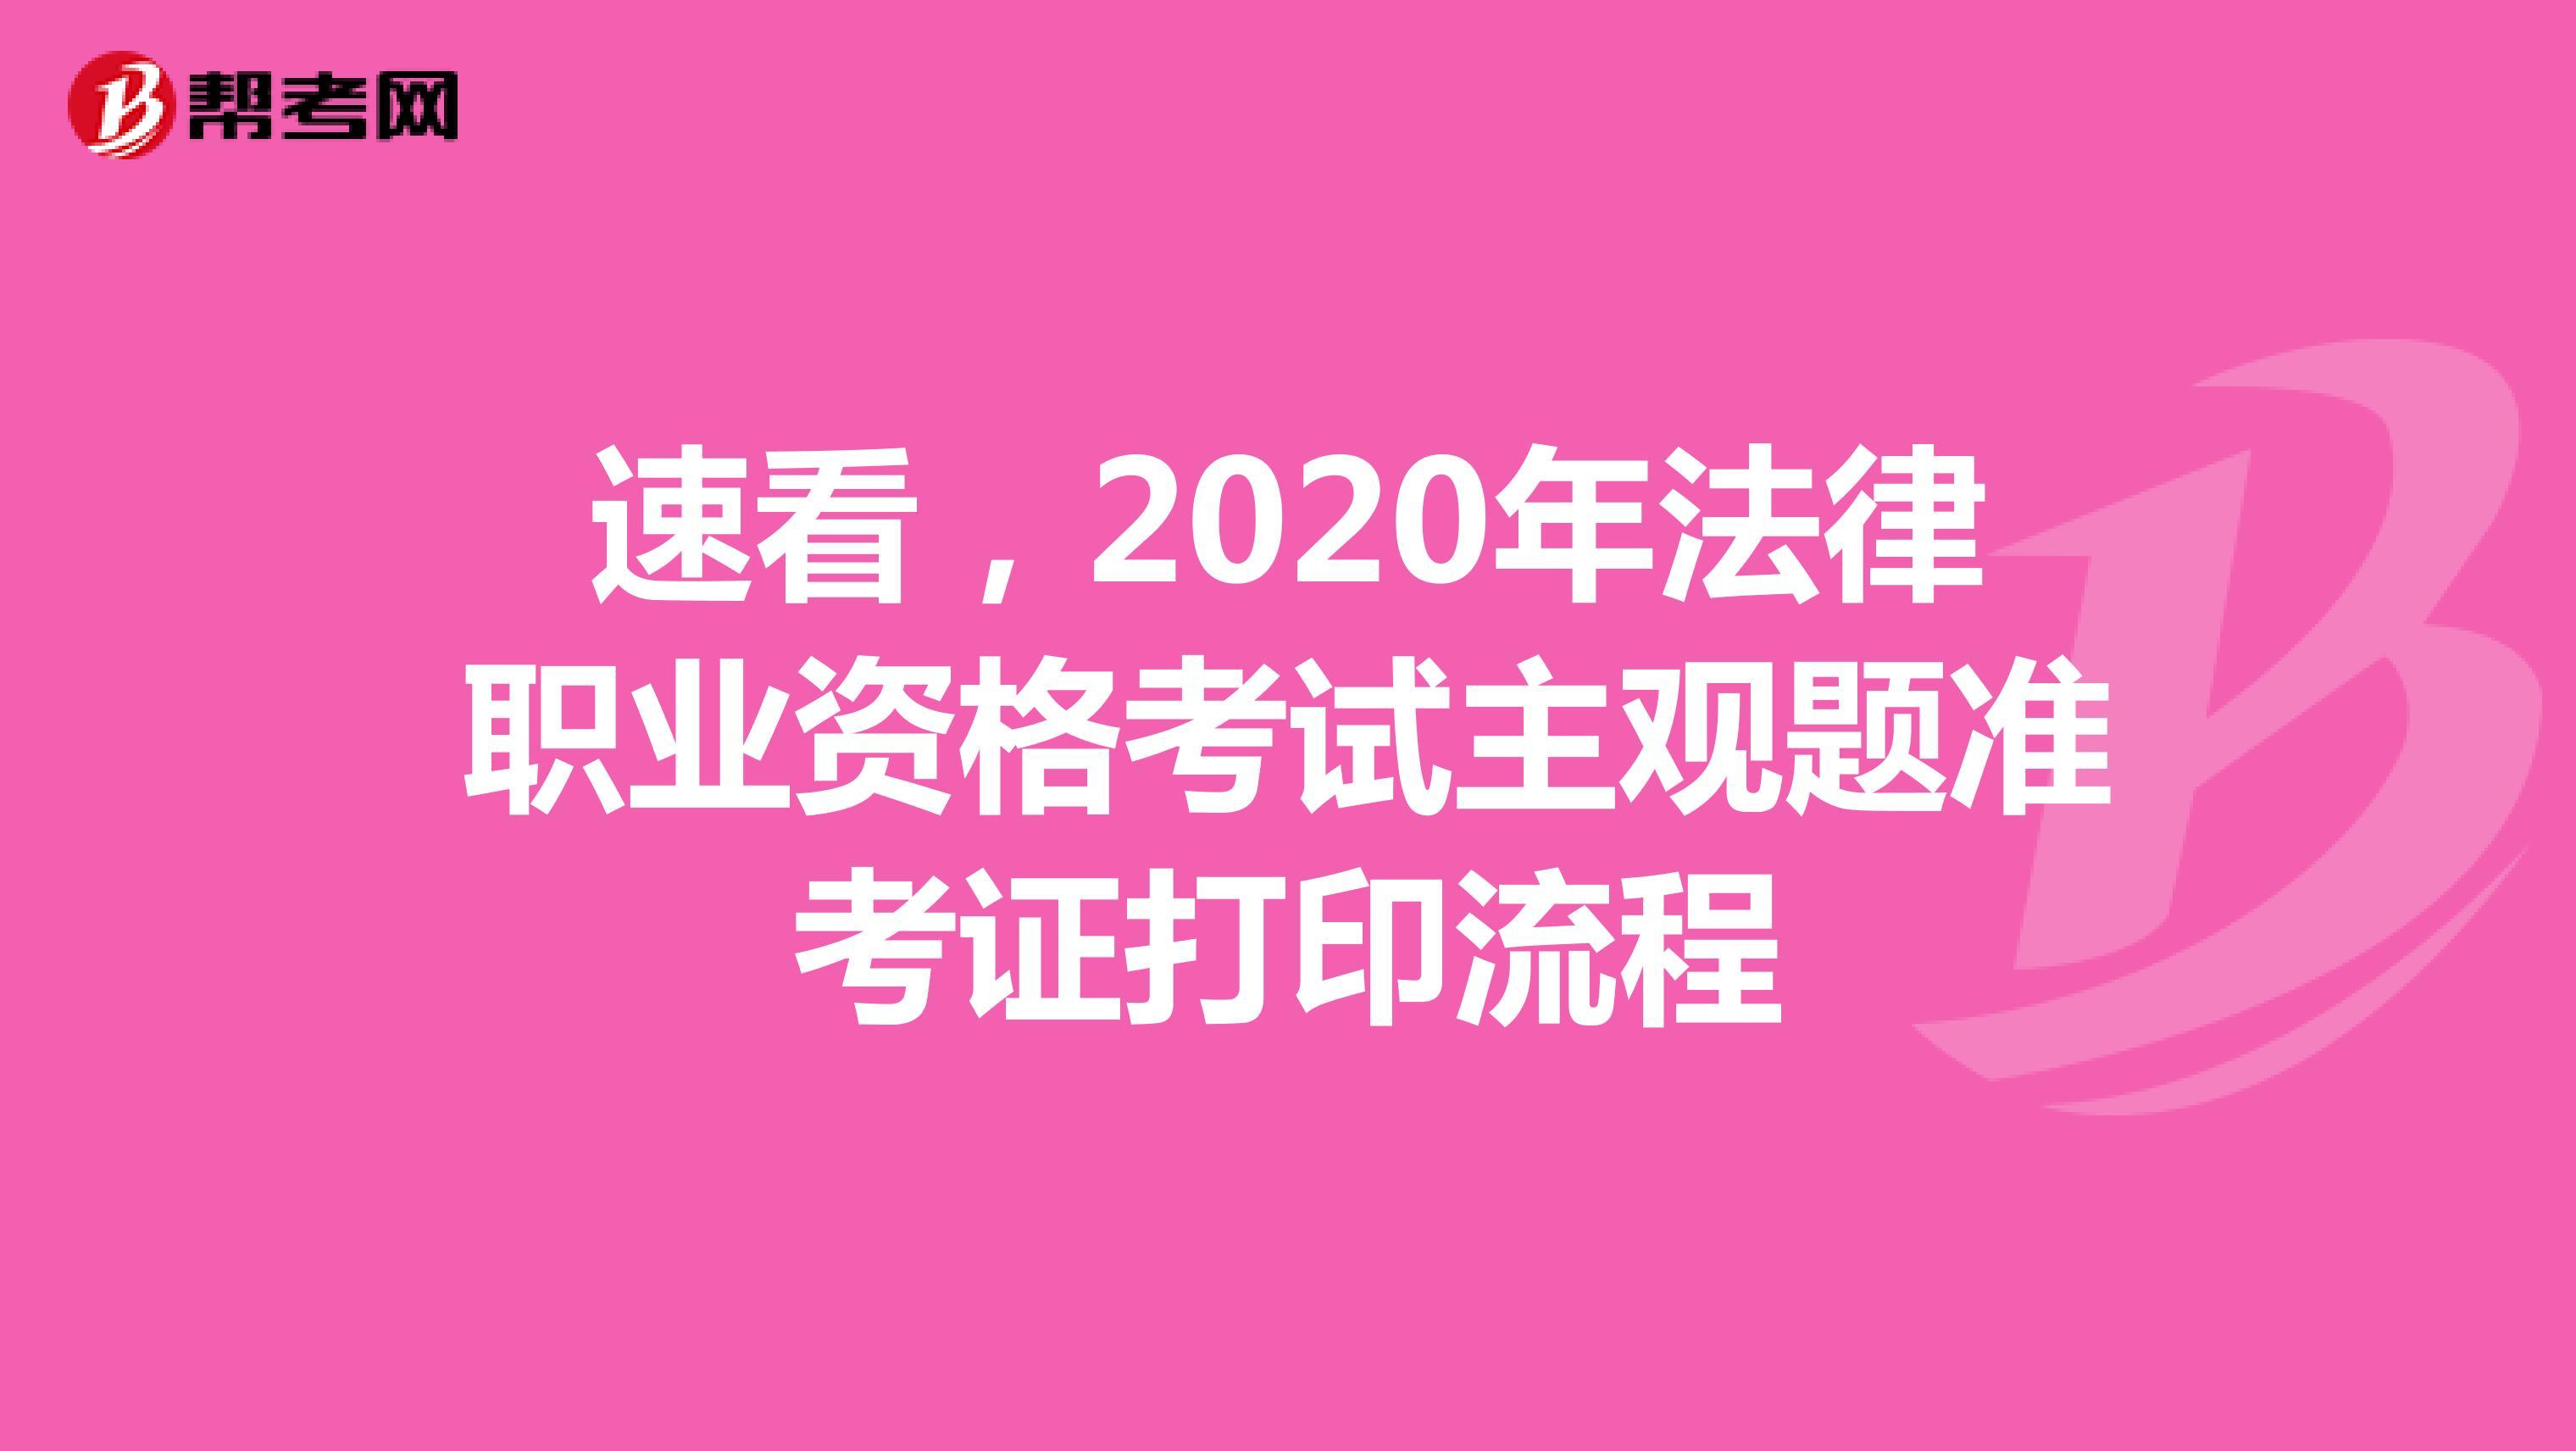 速看,2020年法律职业资格考试主观题准考证打印流程